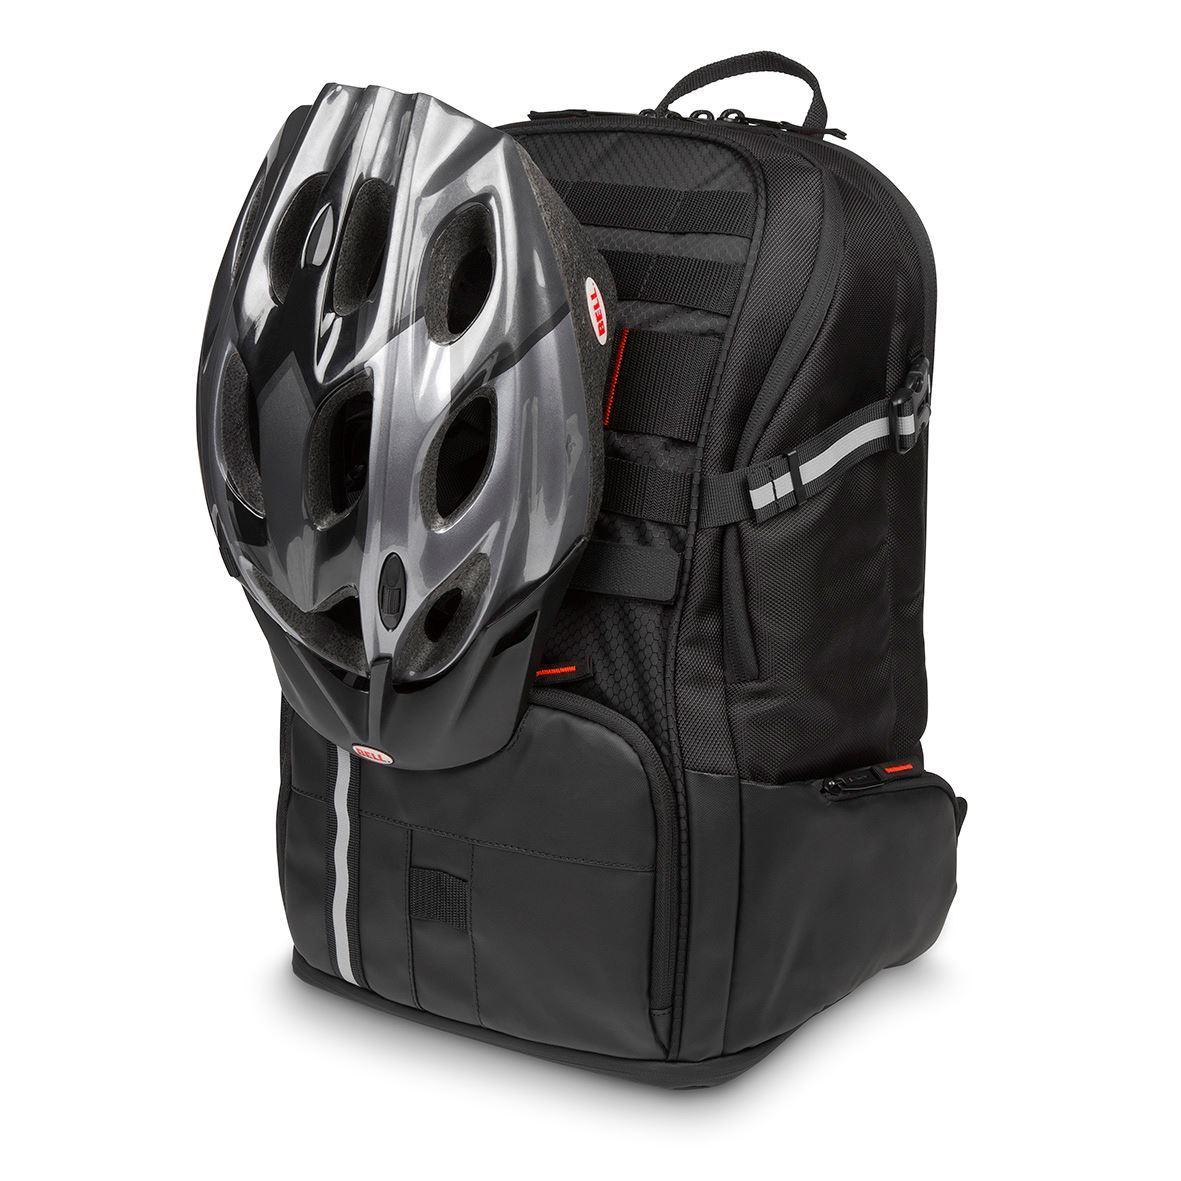 Рюкзак для велоспорта фото рюкзак слинг для собак